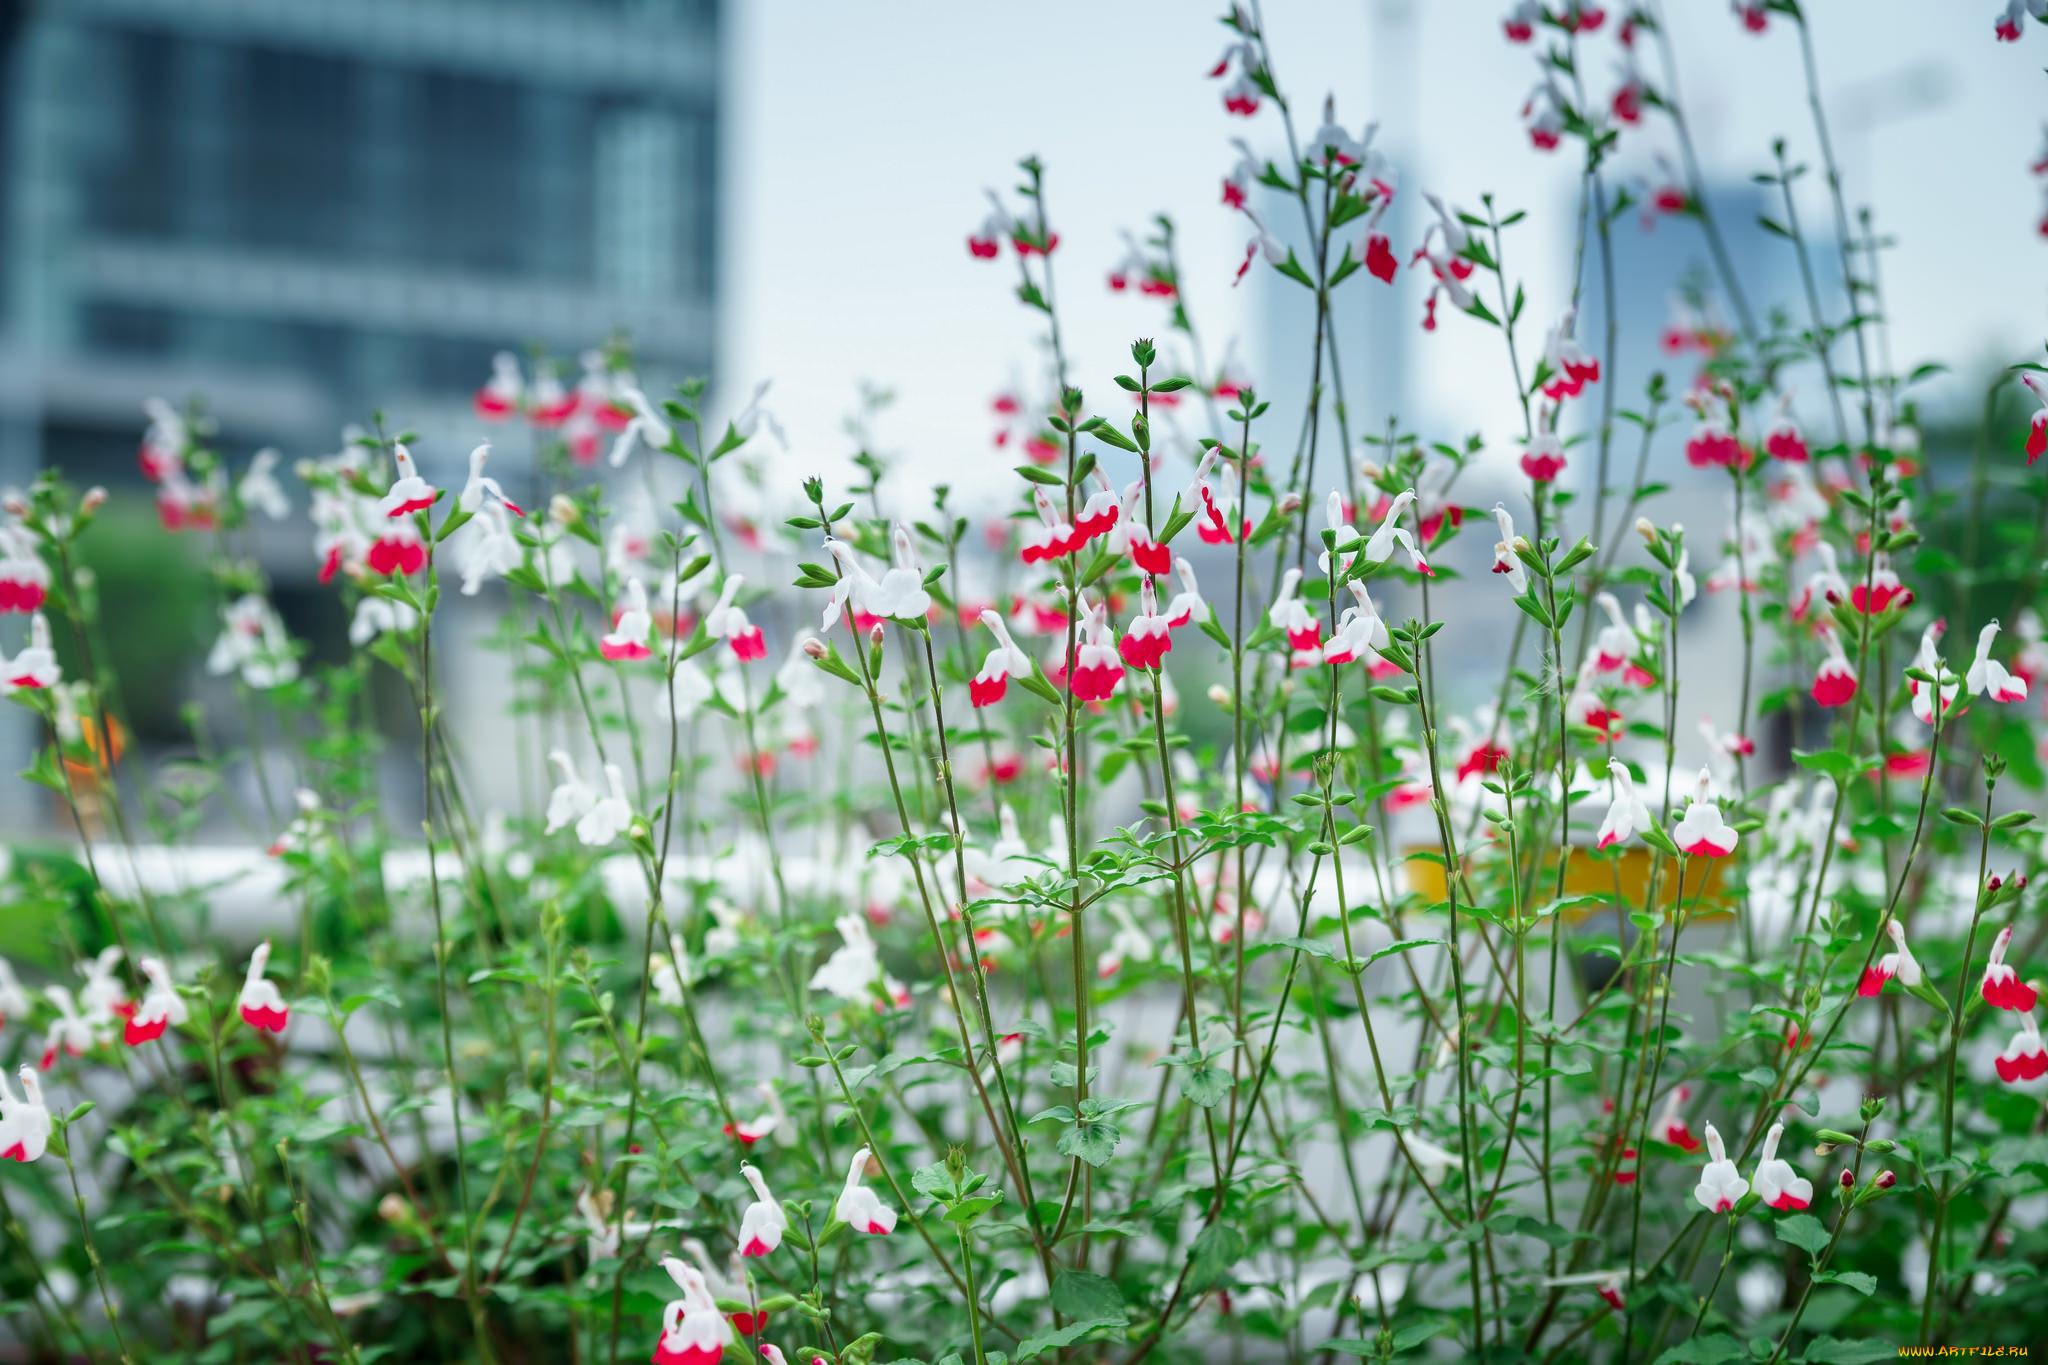 цветы, клумба, растения